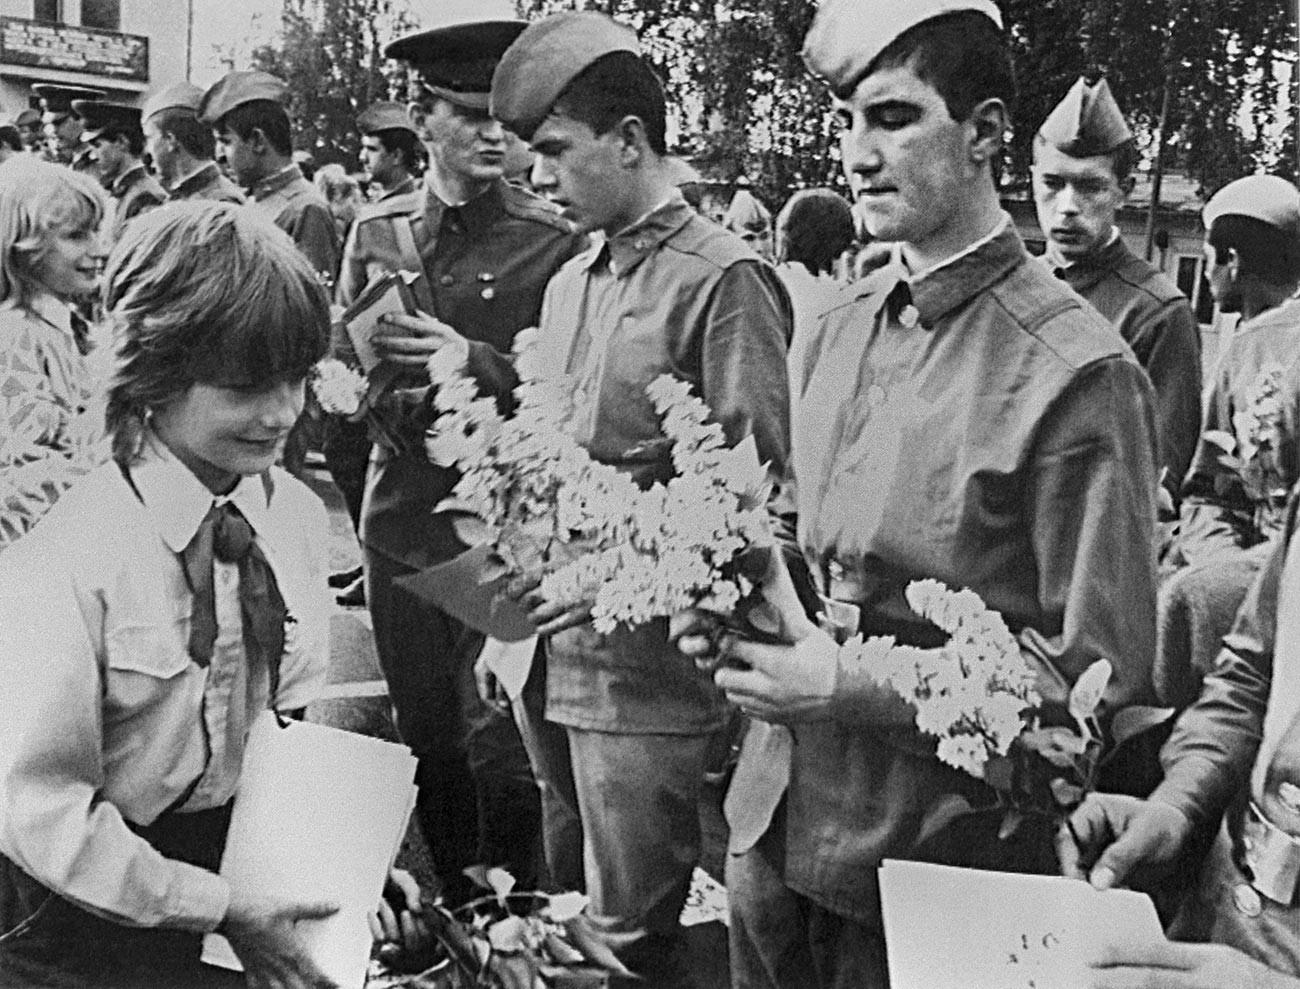 Повлекување на советските единици од Чехословачка, 1989 година. Пионерите од локално училиште топло се поздравуваат со советските војници.